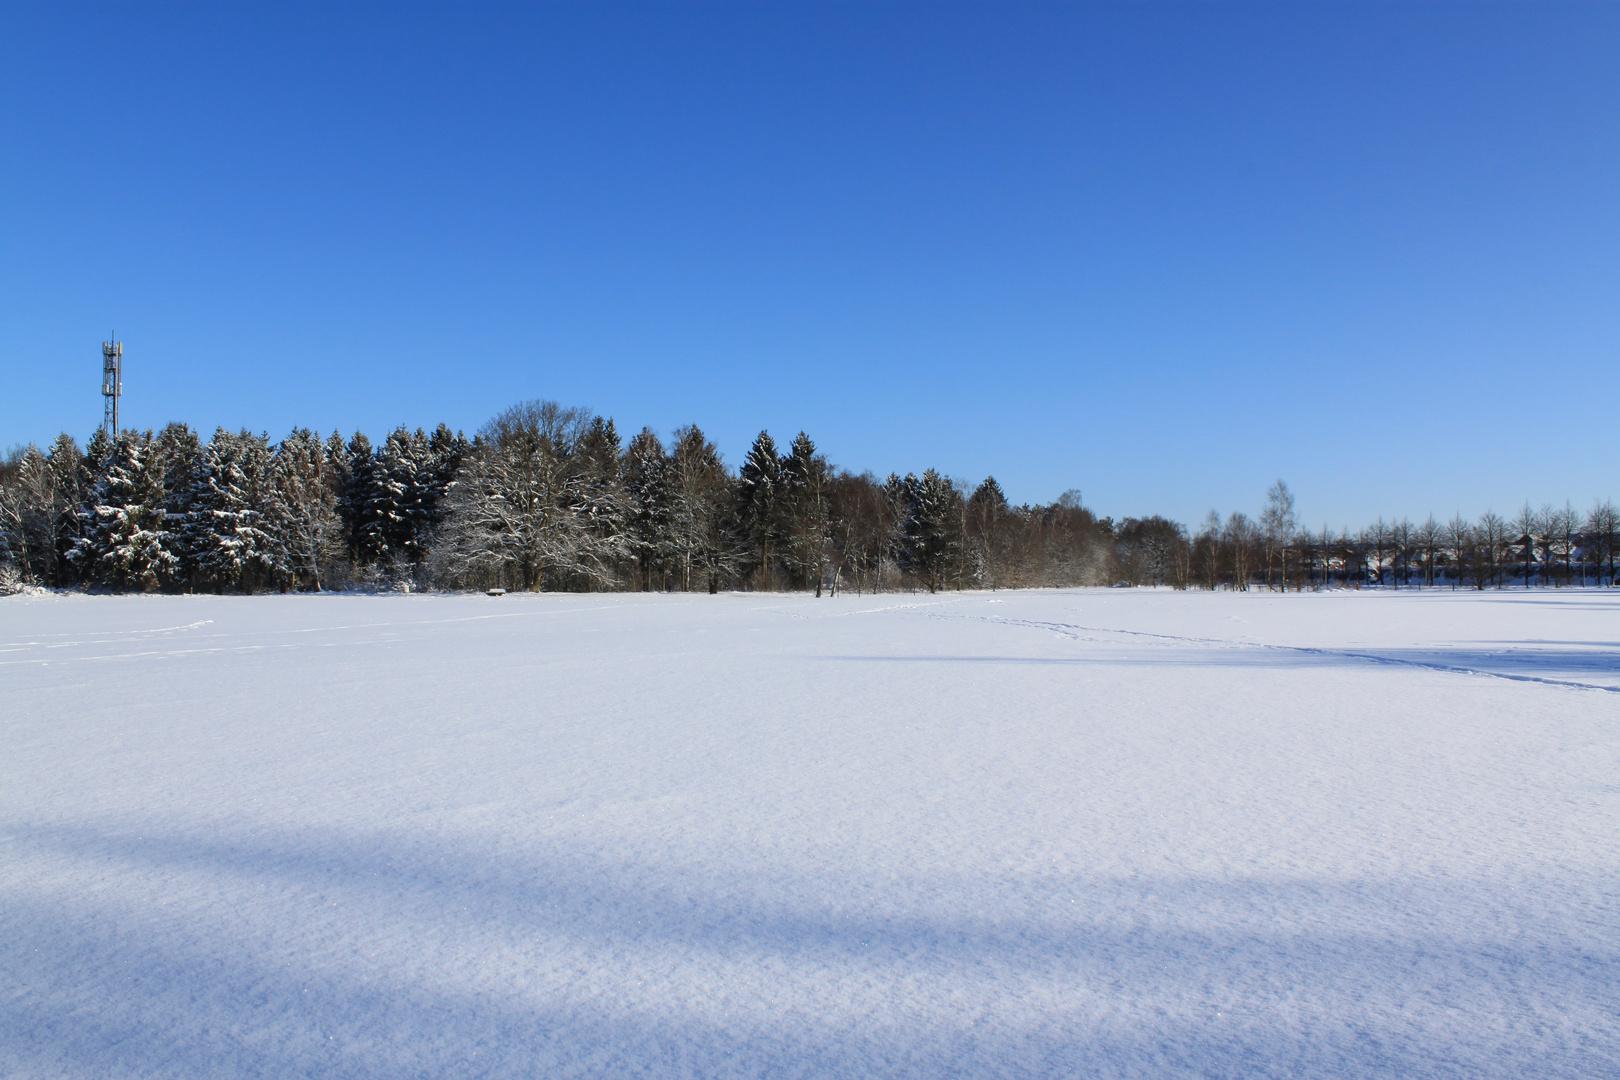 Norderstedt Verzauberte Landschaft